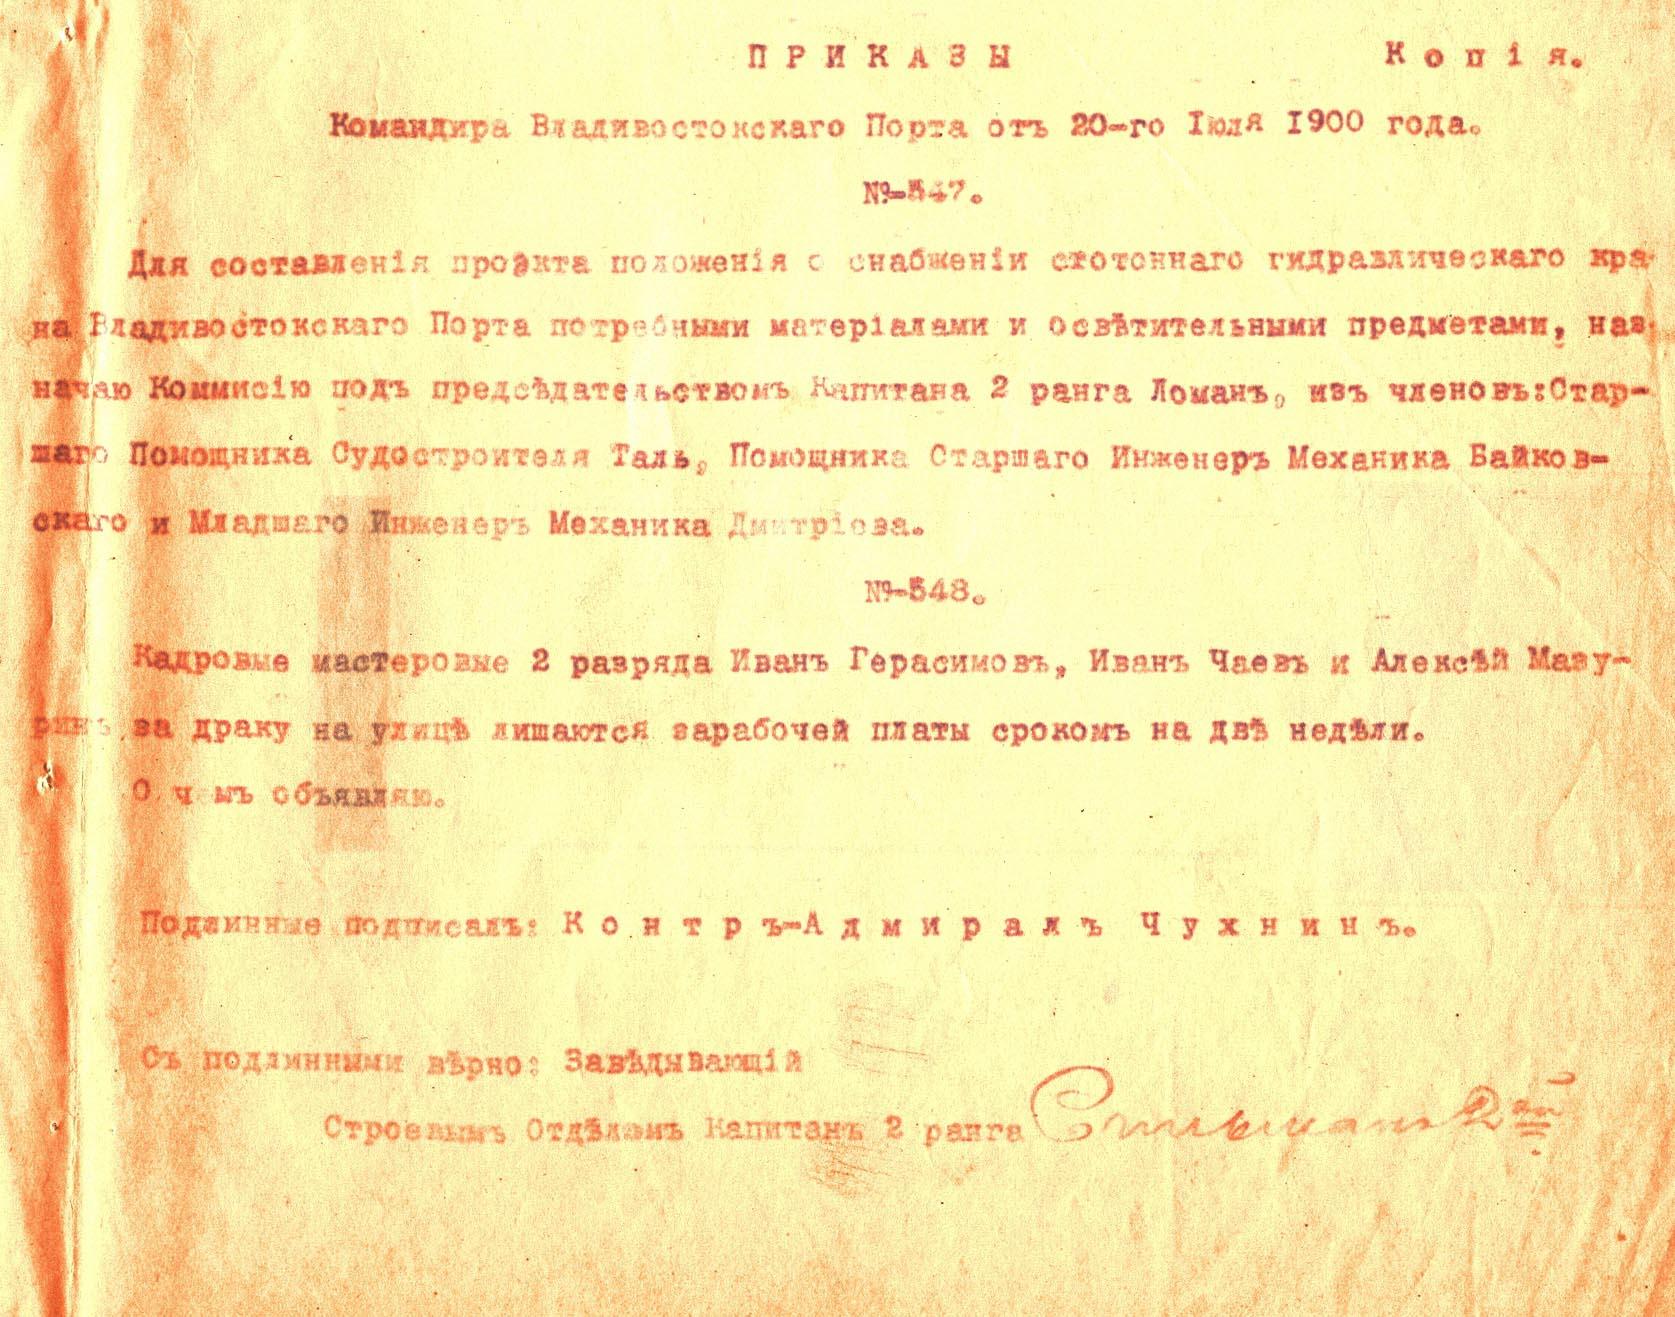 От 20-го Июля 1900 года.